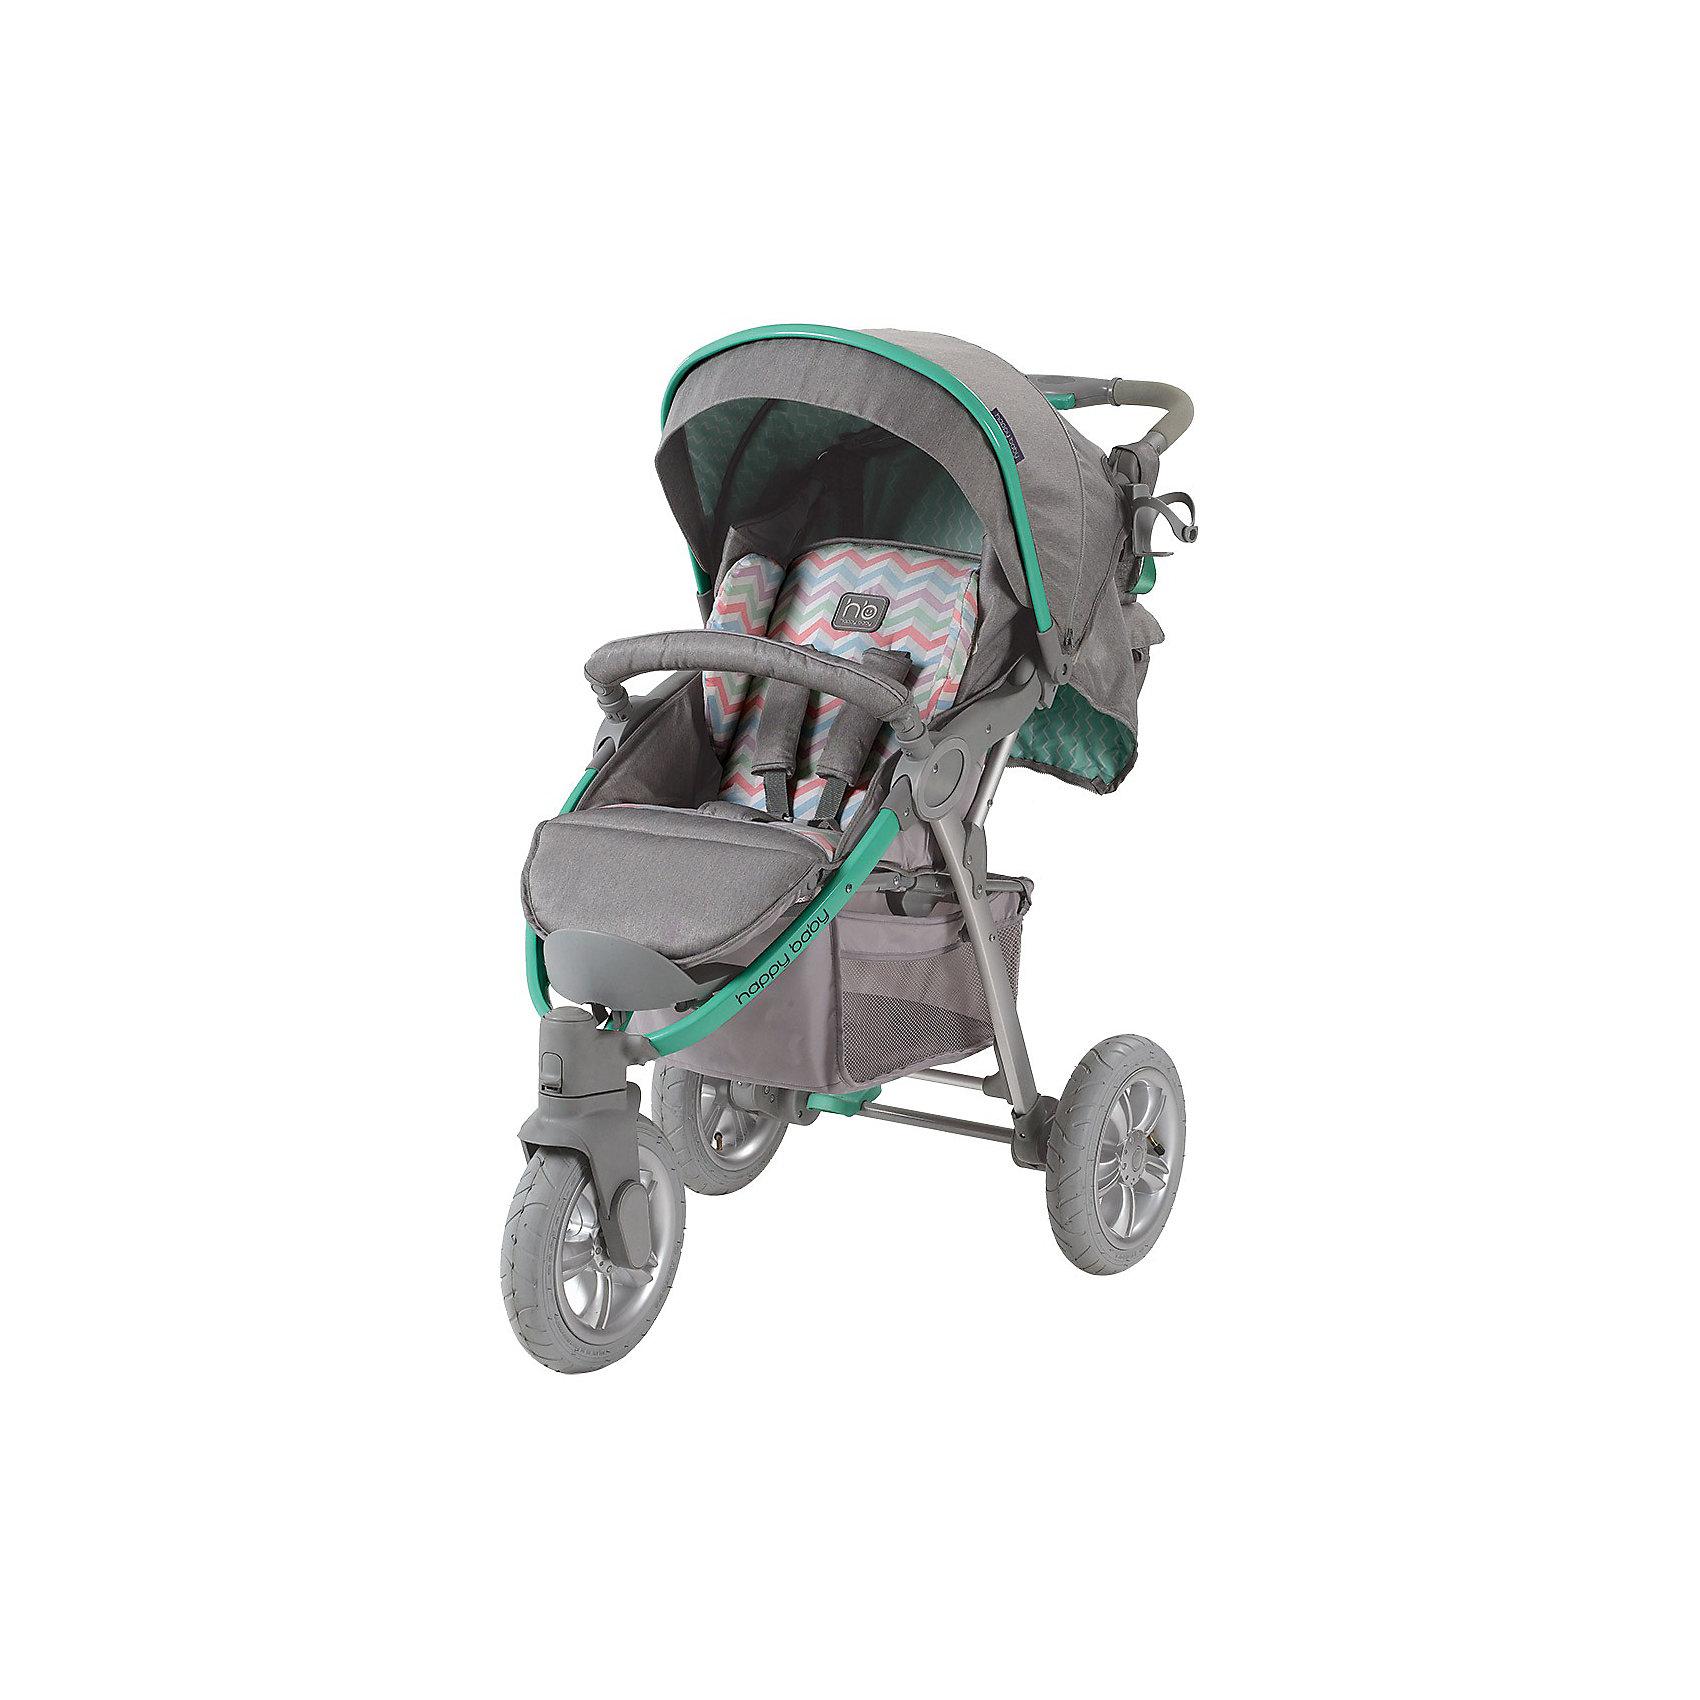 Прогулочная коляска Neon Sport, Happy Baby, серый/зеленыйСтильная всесезонная коляска Neon Sport отличается высокой проходимостью. Хорошая амортизация и маневренность позволит передвигаться, не нарушая сон ребёнка. Овальное сечение алюминиевой рамы обеспечивает  легкость и прочность. Матрасик из мягкой дышащей ткани, пятиточечные ремни безопасности с накладками и съемный бампер гарантируют комфорт и безопасность ребёнку. Объёмный капюшон со смотровым окошком фиксируется в трёх положениях и опускается до бампера. Подставка для бутылочек на уровне рук взрослого облегчит процесс кормления. Переднее колесо поворотное с возможностью фиксации, что позволяет<br>маневрировать коляской практически на месте. Тормозное устройство приводится в действие одним движением. Регулируемая по высоте ручка, стильная сумка и вместительная корзина для покупок делают коляску не только удобной, но и практичной. Идеальный вариант для наших погодных условий и дорог.  <br><br>Дополнительная информация:<br><br>- Комплектность: коляска, дождевик, корзина для покупок, сумка для мамы, чехол для ножек.<br>- Алюминиевая рама с поперечным сечением.<br>- Количество колес: 3 шт.<br>- Тип колес: надувные, переднее поворотное.<br>- Ножной тормоз.<br>- Механизм складывания: книжка.<br>- Регулируемая по высоте ручка.<br>- Регулируемая по высоте спинка ( 3 положения, включая горизонтальное)<br>- Пятиточечные ремни безопасности с мягкими накладками.<br>- Капюшон со смотровым окошком  опускается до бампера)<br>- Складывающийся козырек.<br>- Вместительная корзина для покупок.<br>- Подставка для кружки.<br>- Съёмный бампер перед ребенком.<br>- Цвет: серый, зеленый.<br>- Длина спального места: 85 см.<br>- Размер коляски: 102 х 66 х 97 см.<br>- Размер сидения: 34 х 28/45 (с подножкой) см.<br>- Ширина колесной базы: 66 см.<br>- Диаметр колес: переднее - 26 см, задние - 30 см.<br>- Вес: 13 кг<br><br>Прогулочную коляска Neon Sport, Happy Baby (Хэппи Беби),  серый/зеленый, можно купить в нашем магазине.<br><br>Ширина